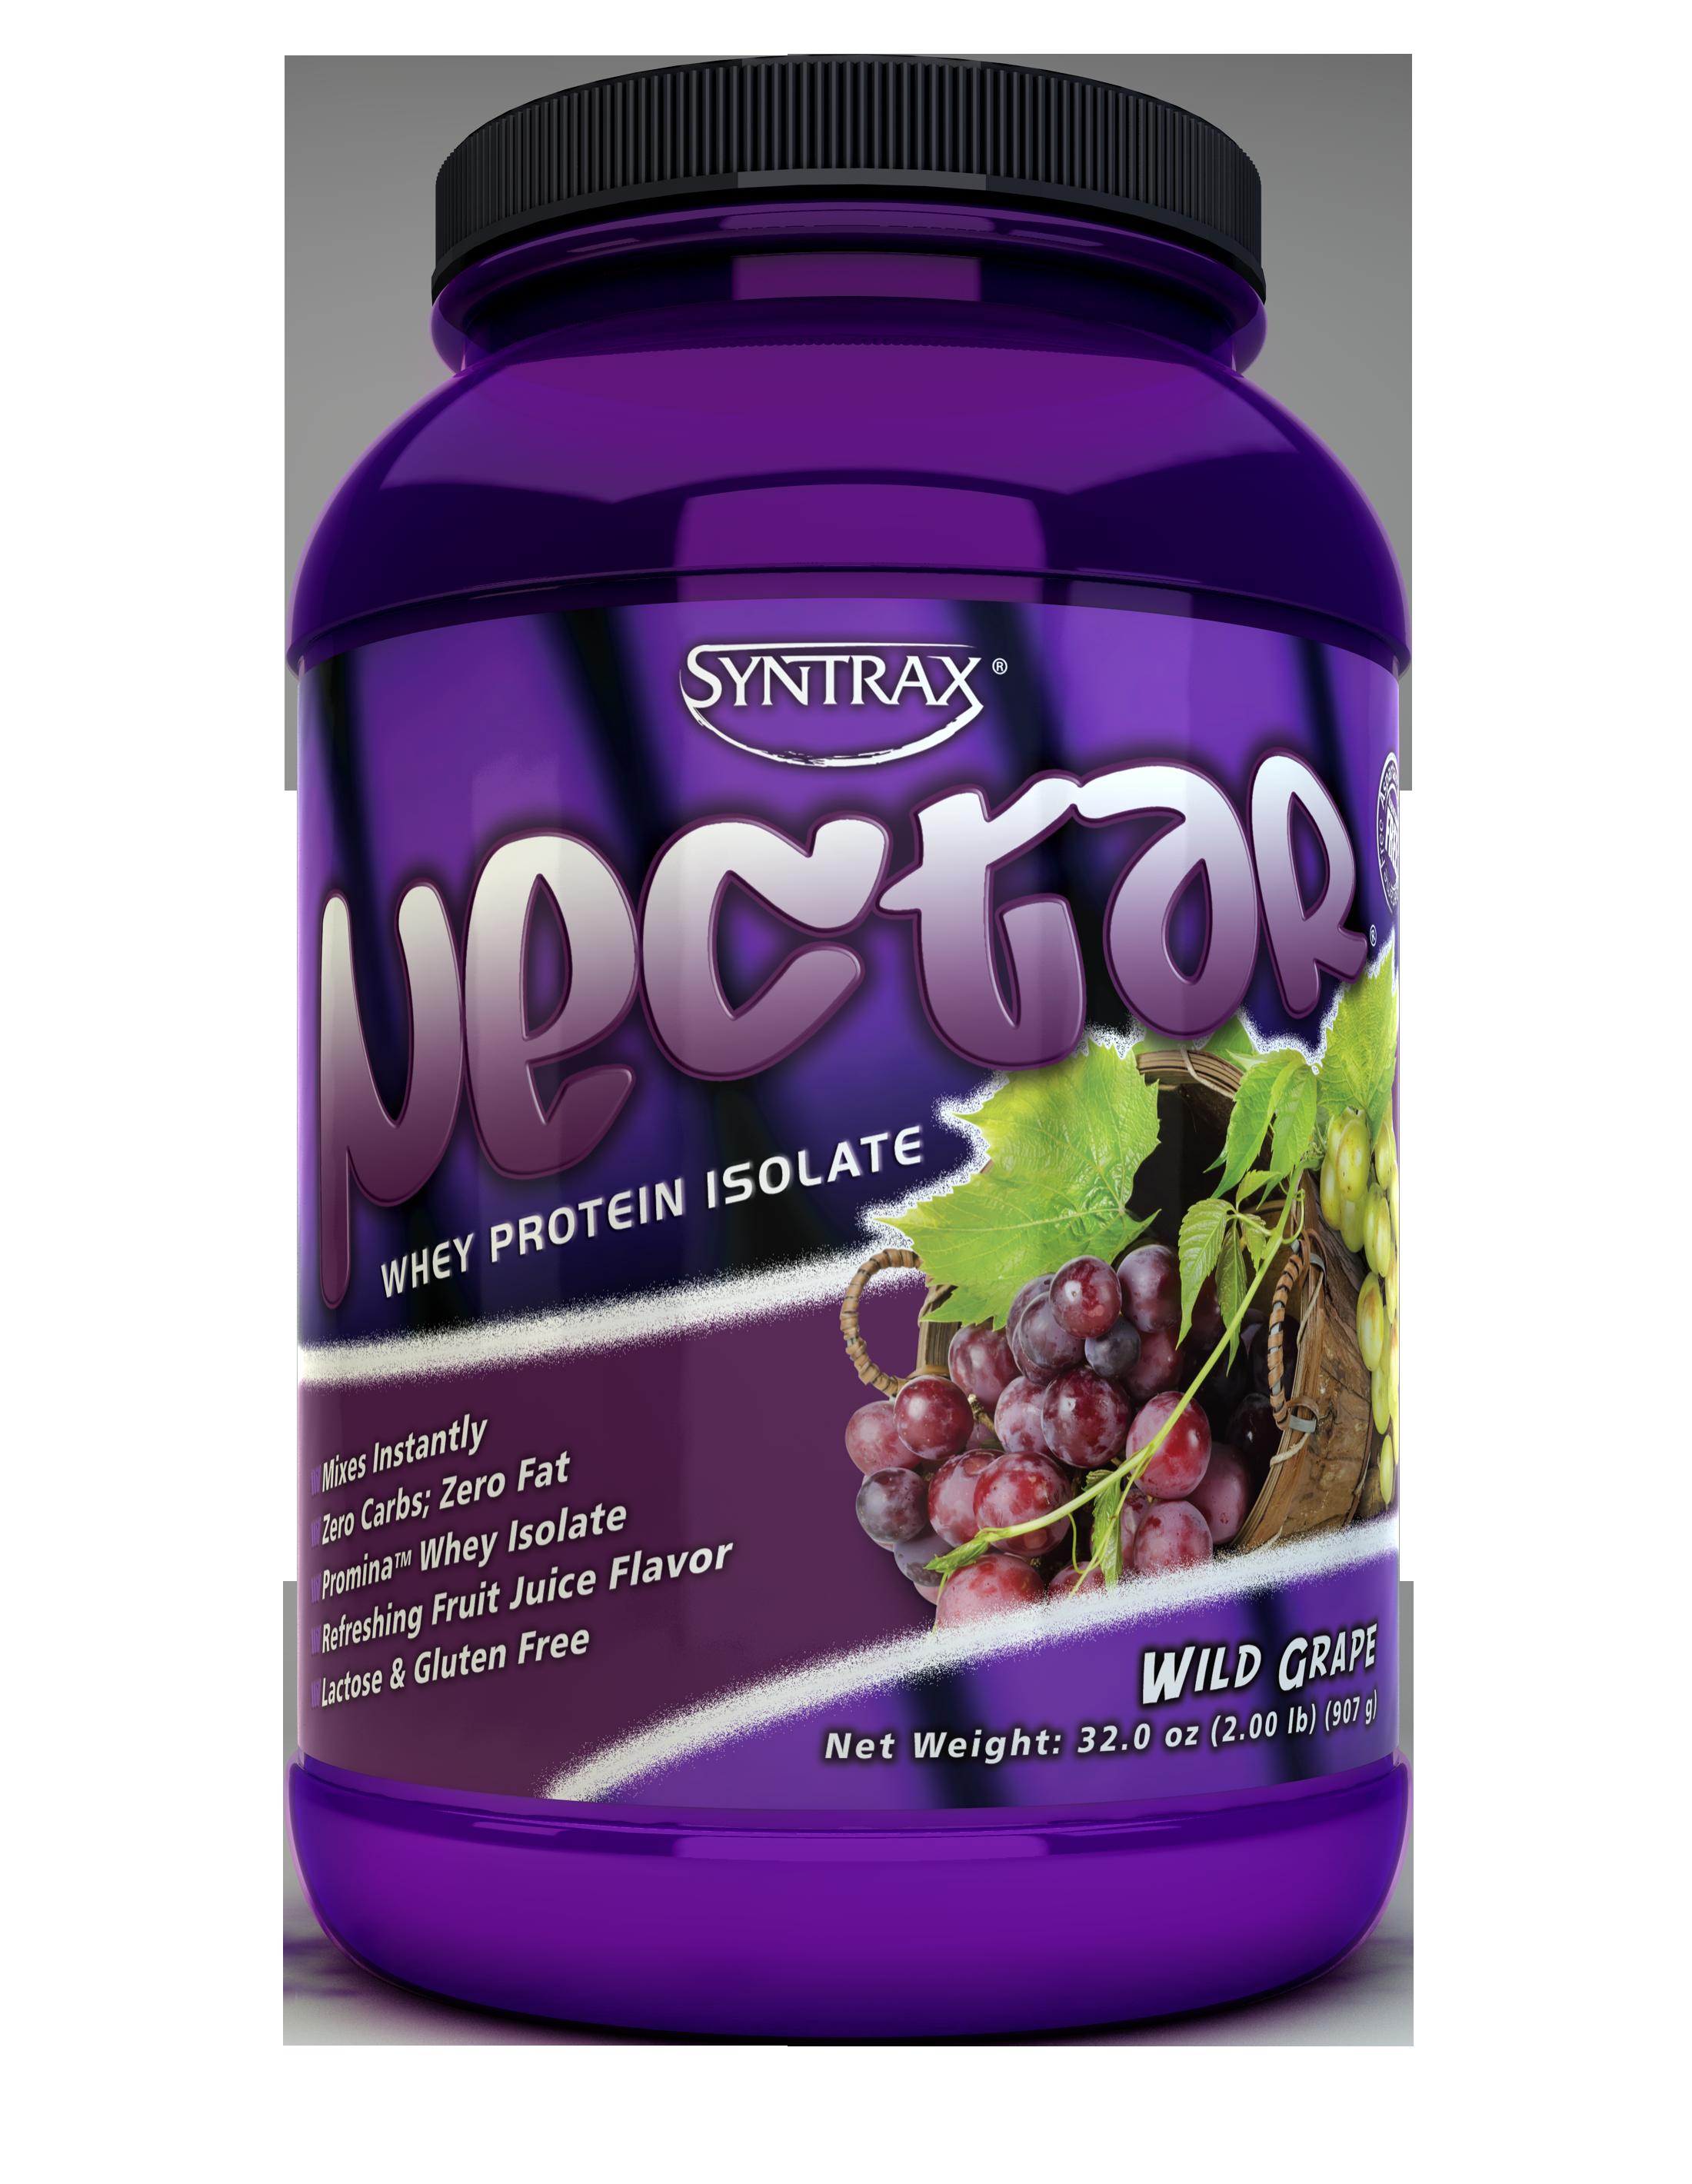 Syntrax Nectar - Wild Grape 2 lb